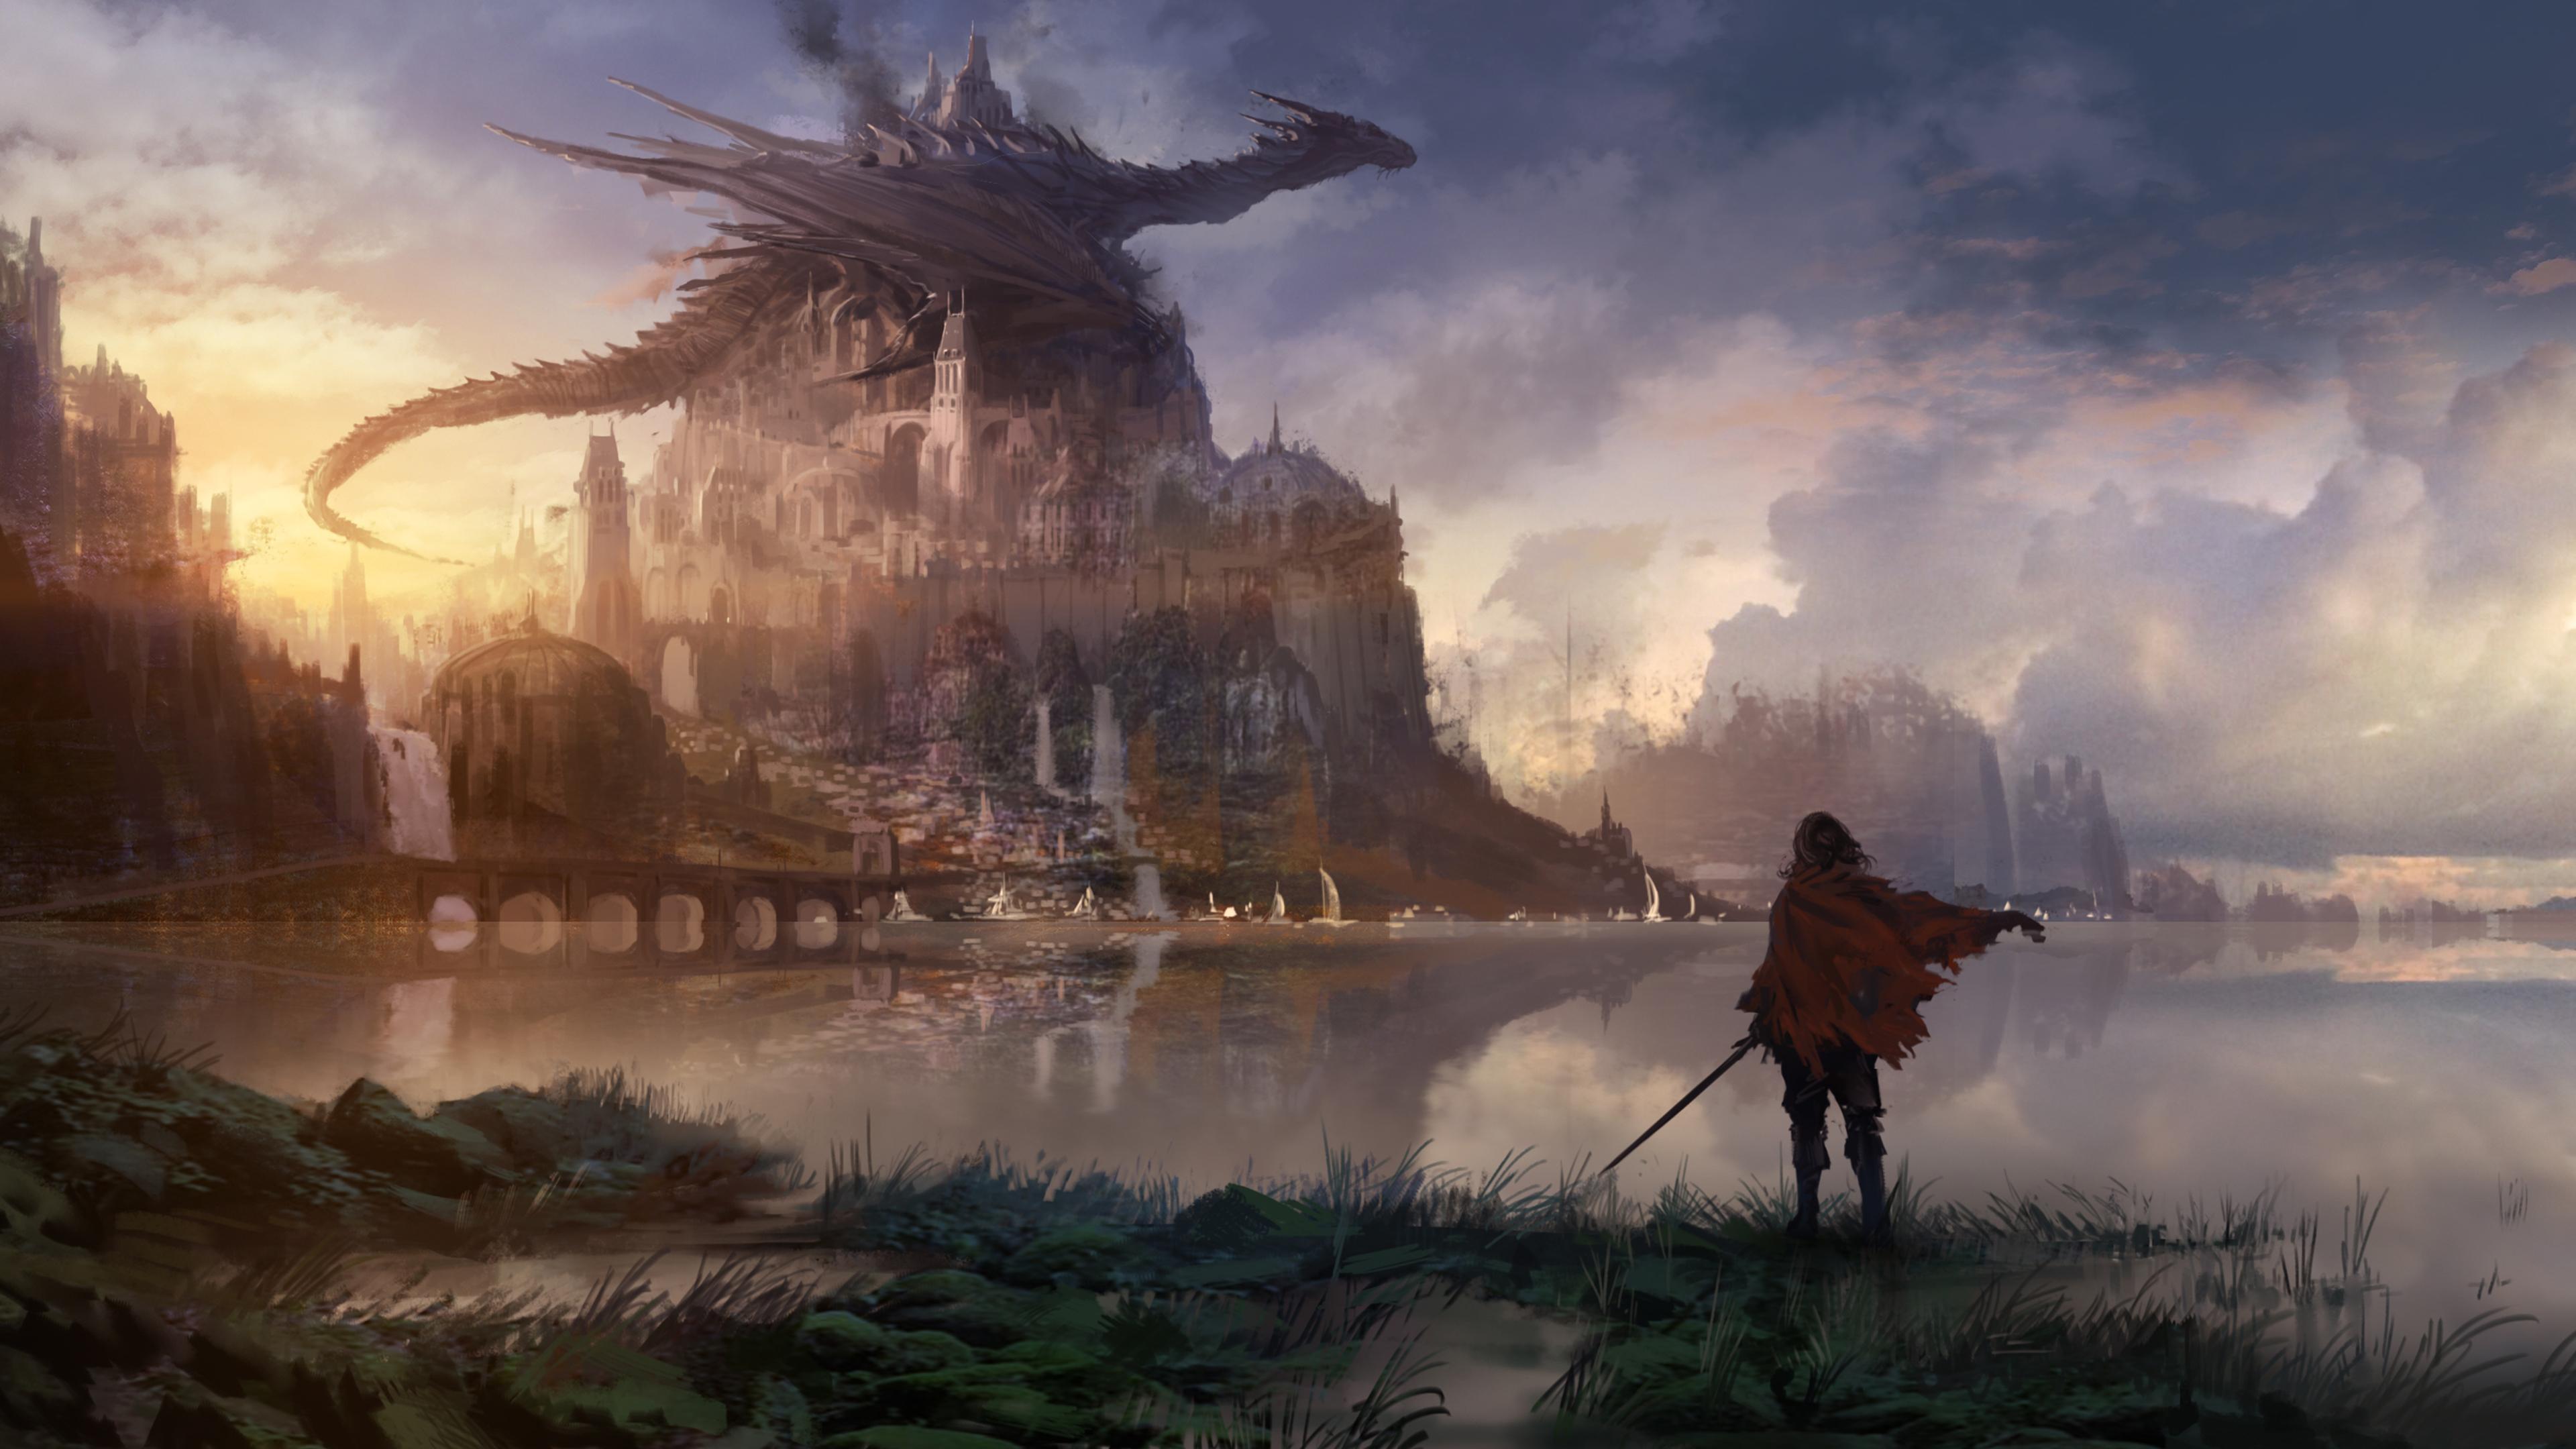 fantasy knight 4k ultra hd wallpaper